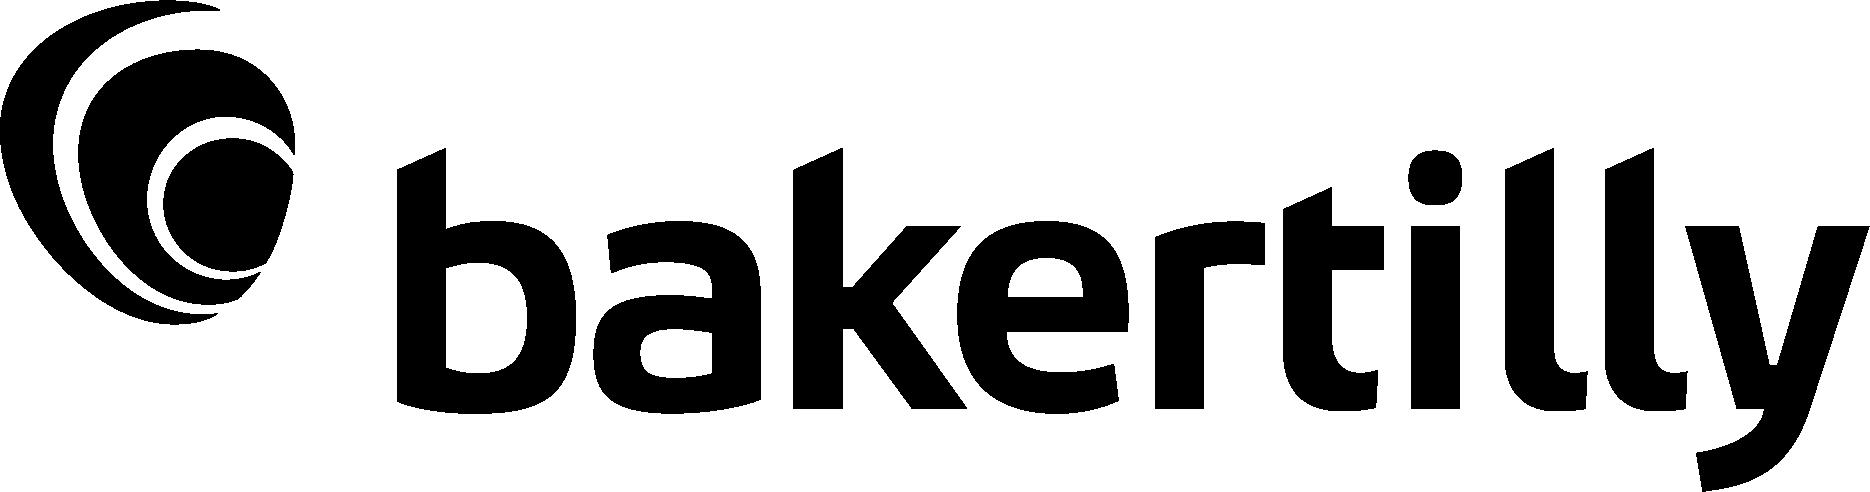 Baker_Tilly_Logo_Black_RGB_PNG.PNG